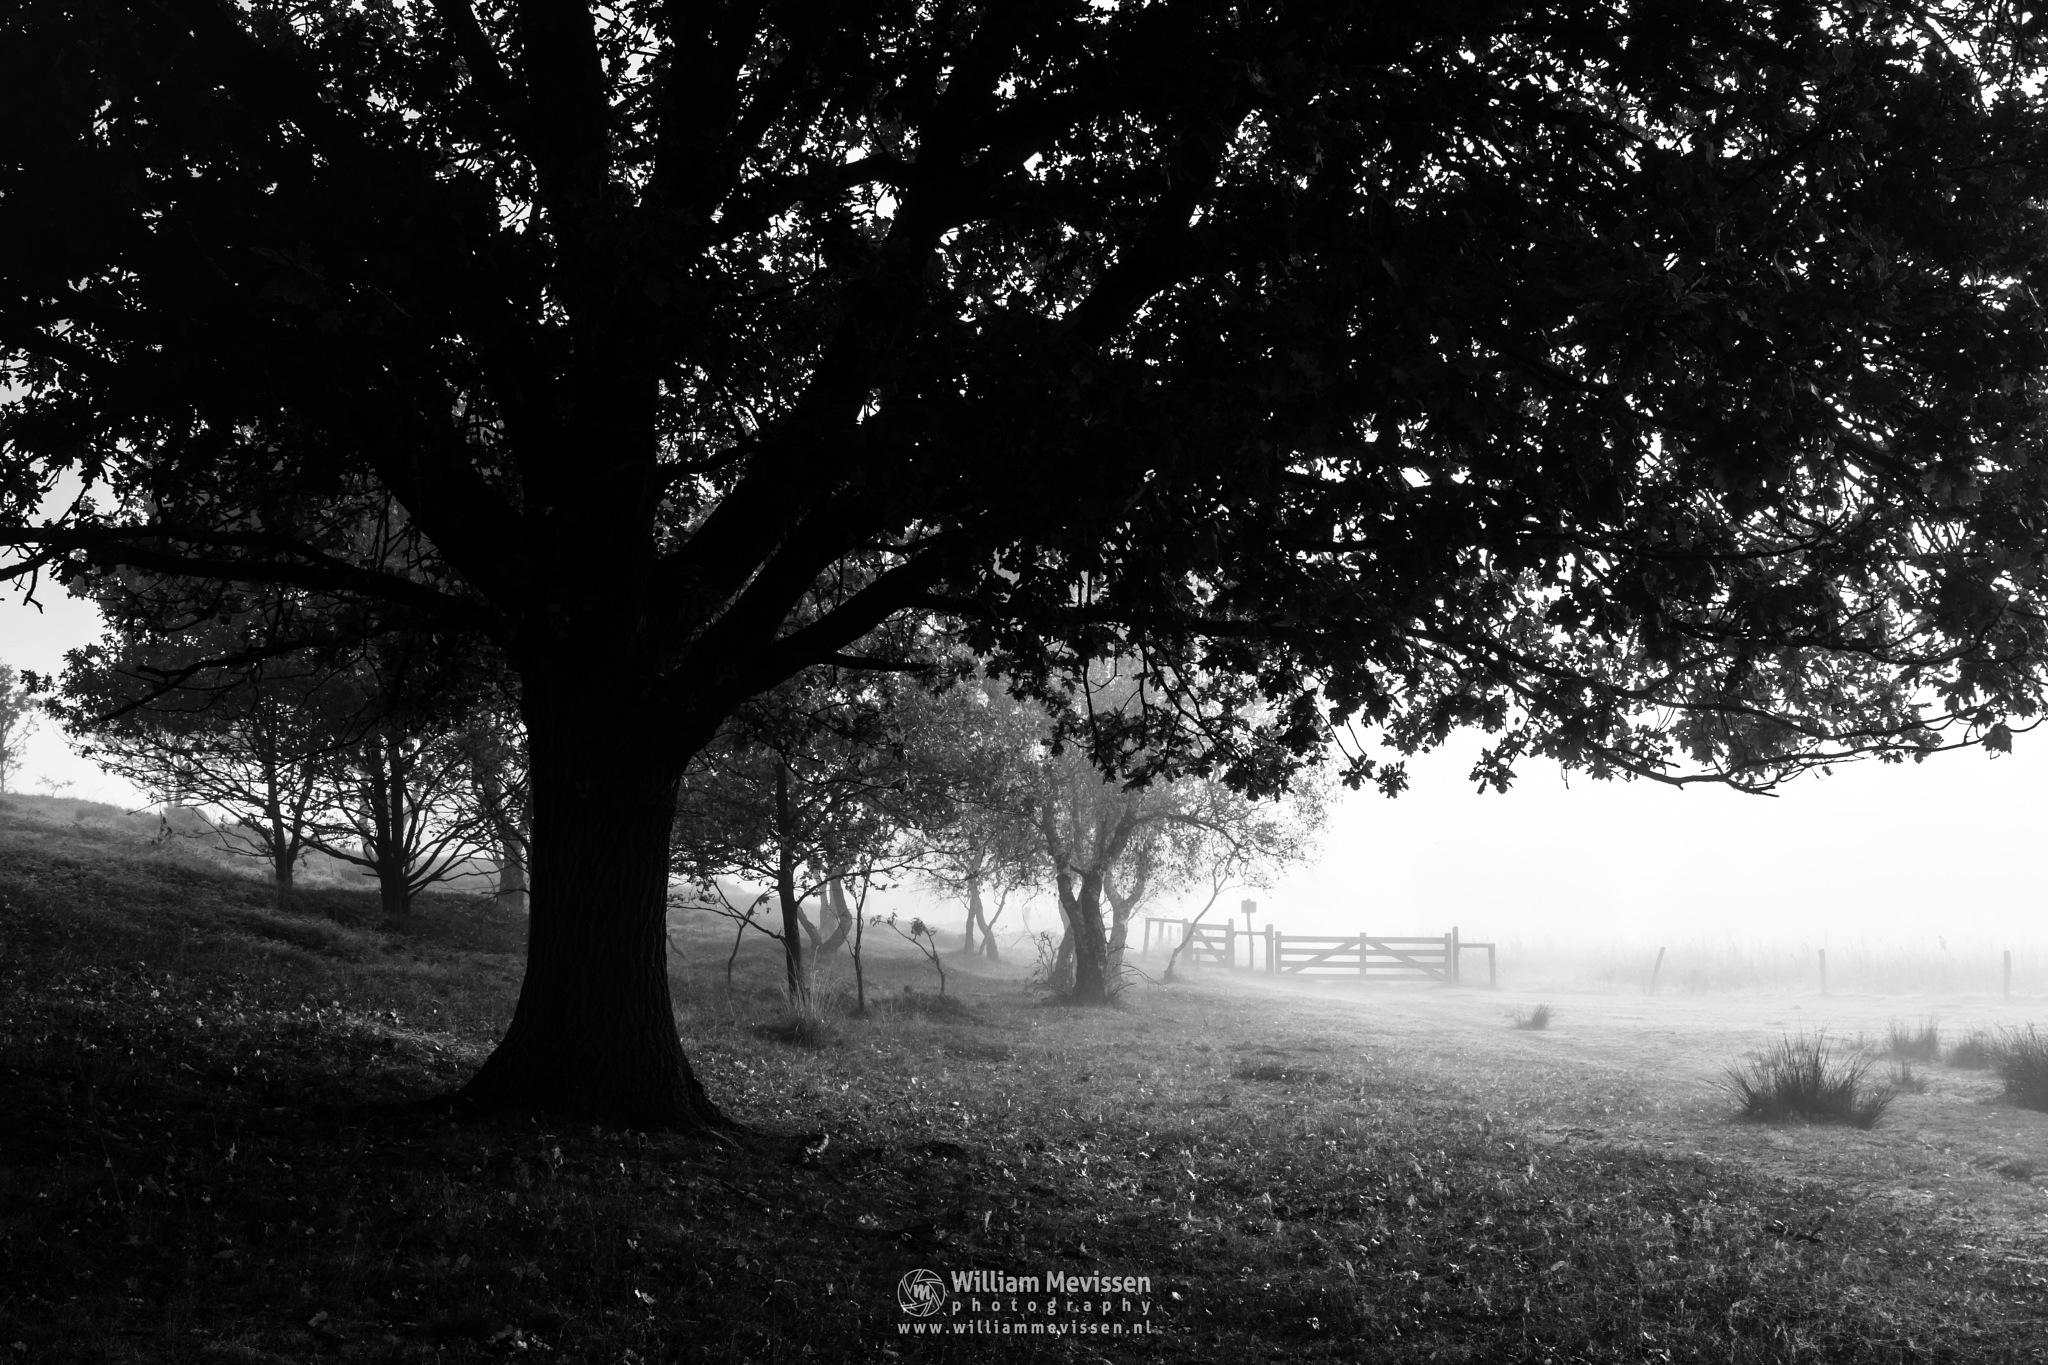 Under The Tree Bergerheide by William Mevissen